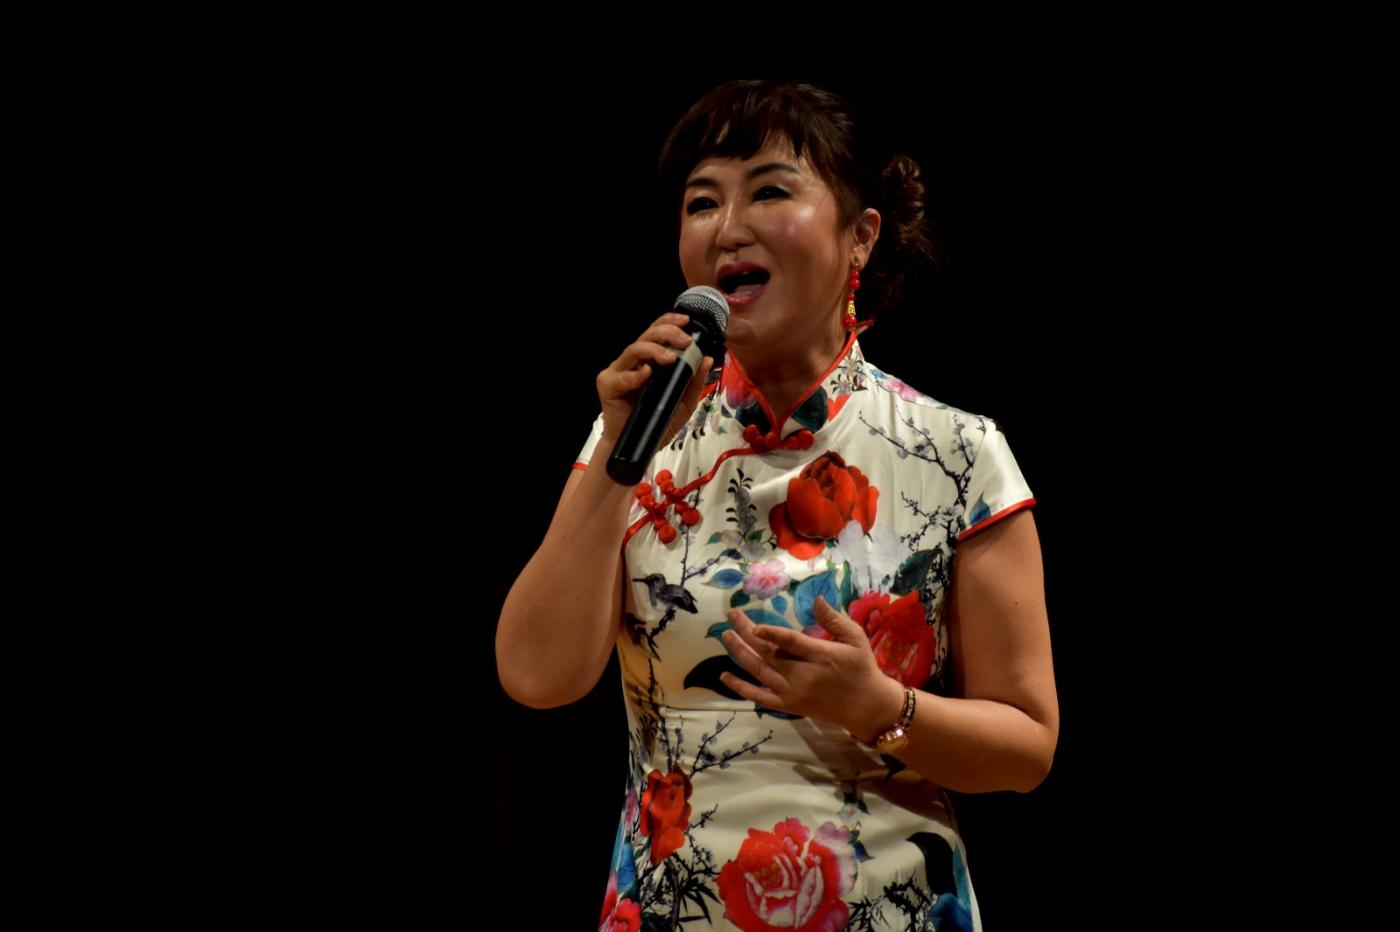 中国民歌集粹音乐会 (1)_图1-25